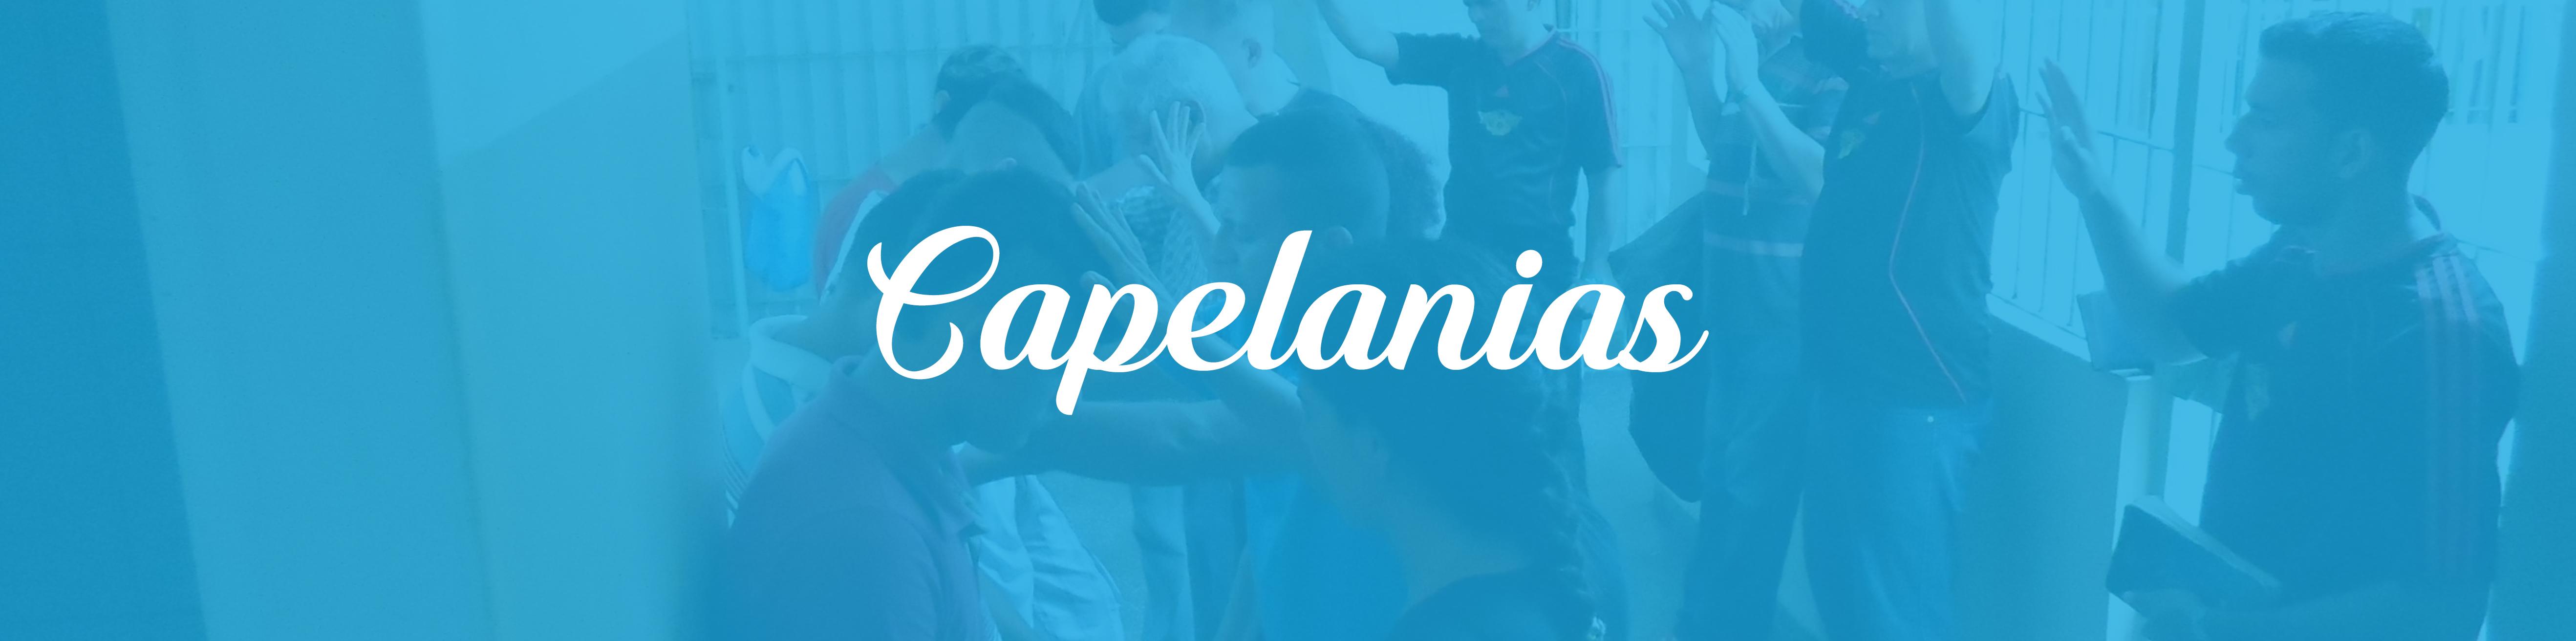 Capelanias